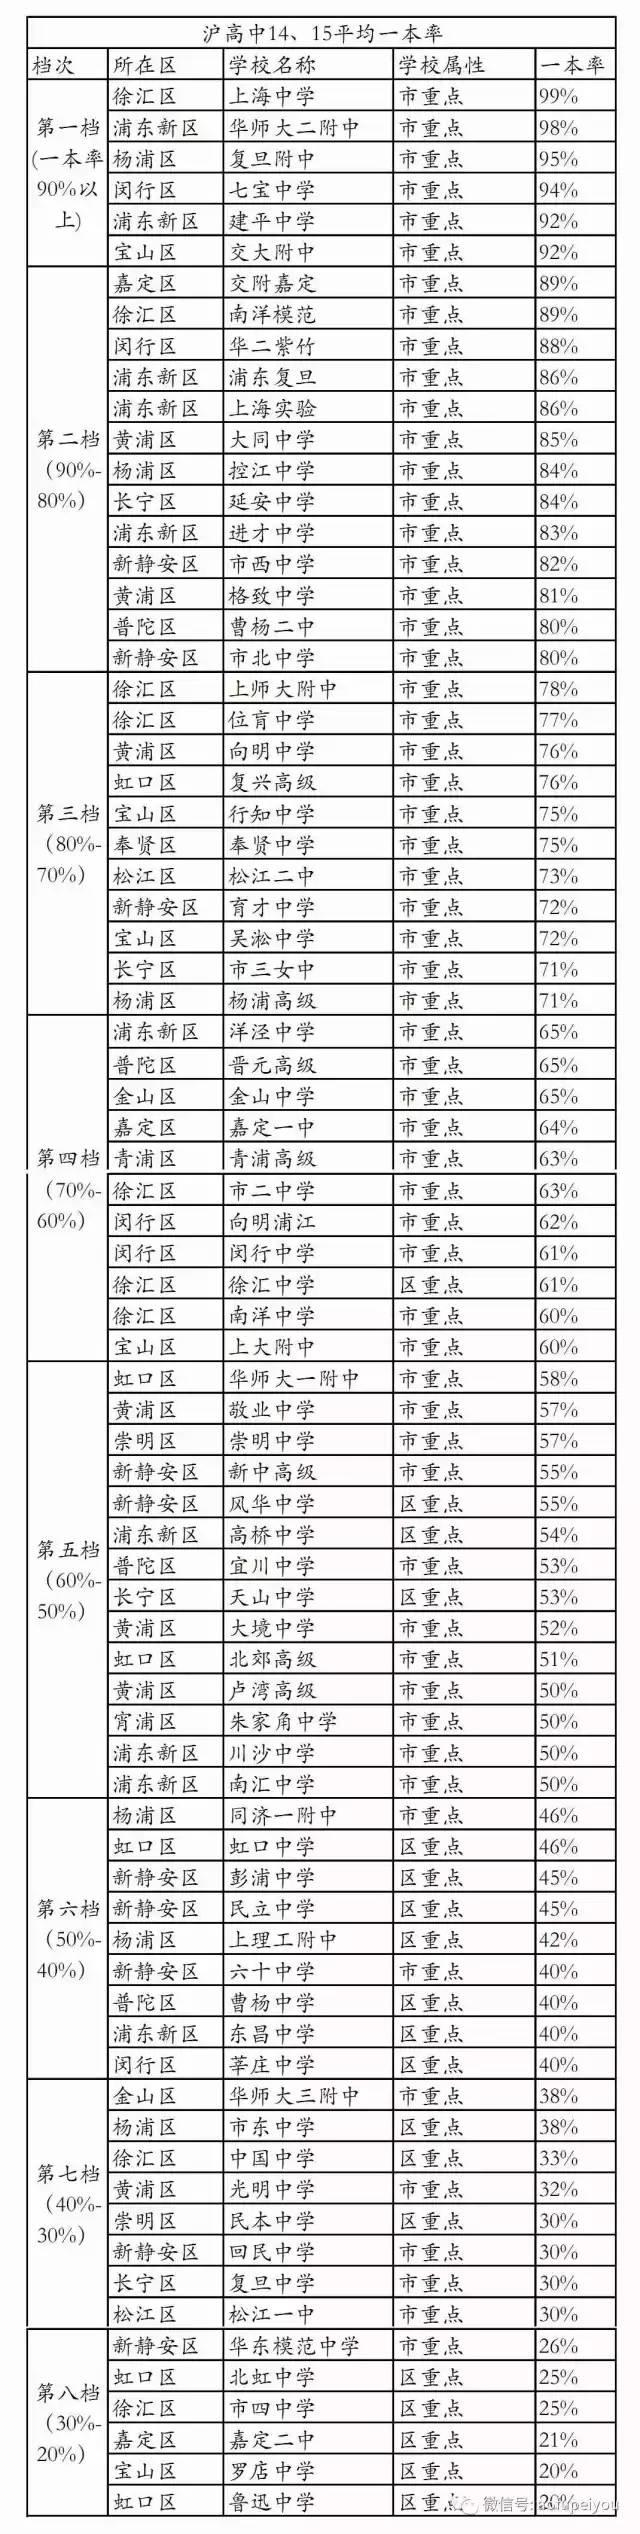 国家重点大学排行榜_上海高中最新排名 2019上海重点高中排行榜_有途教育